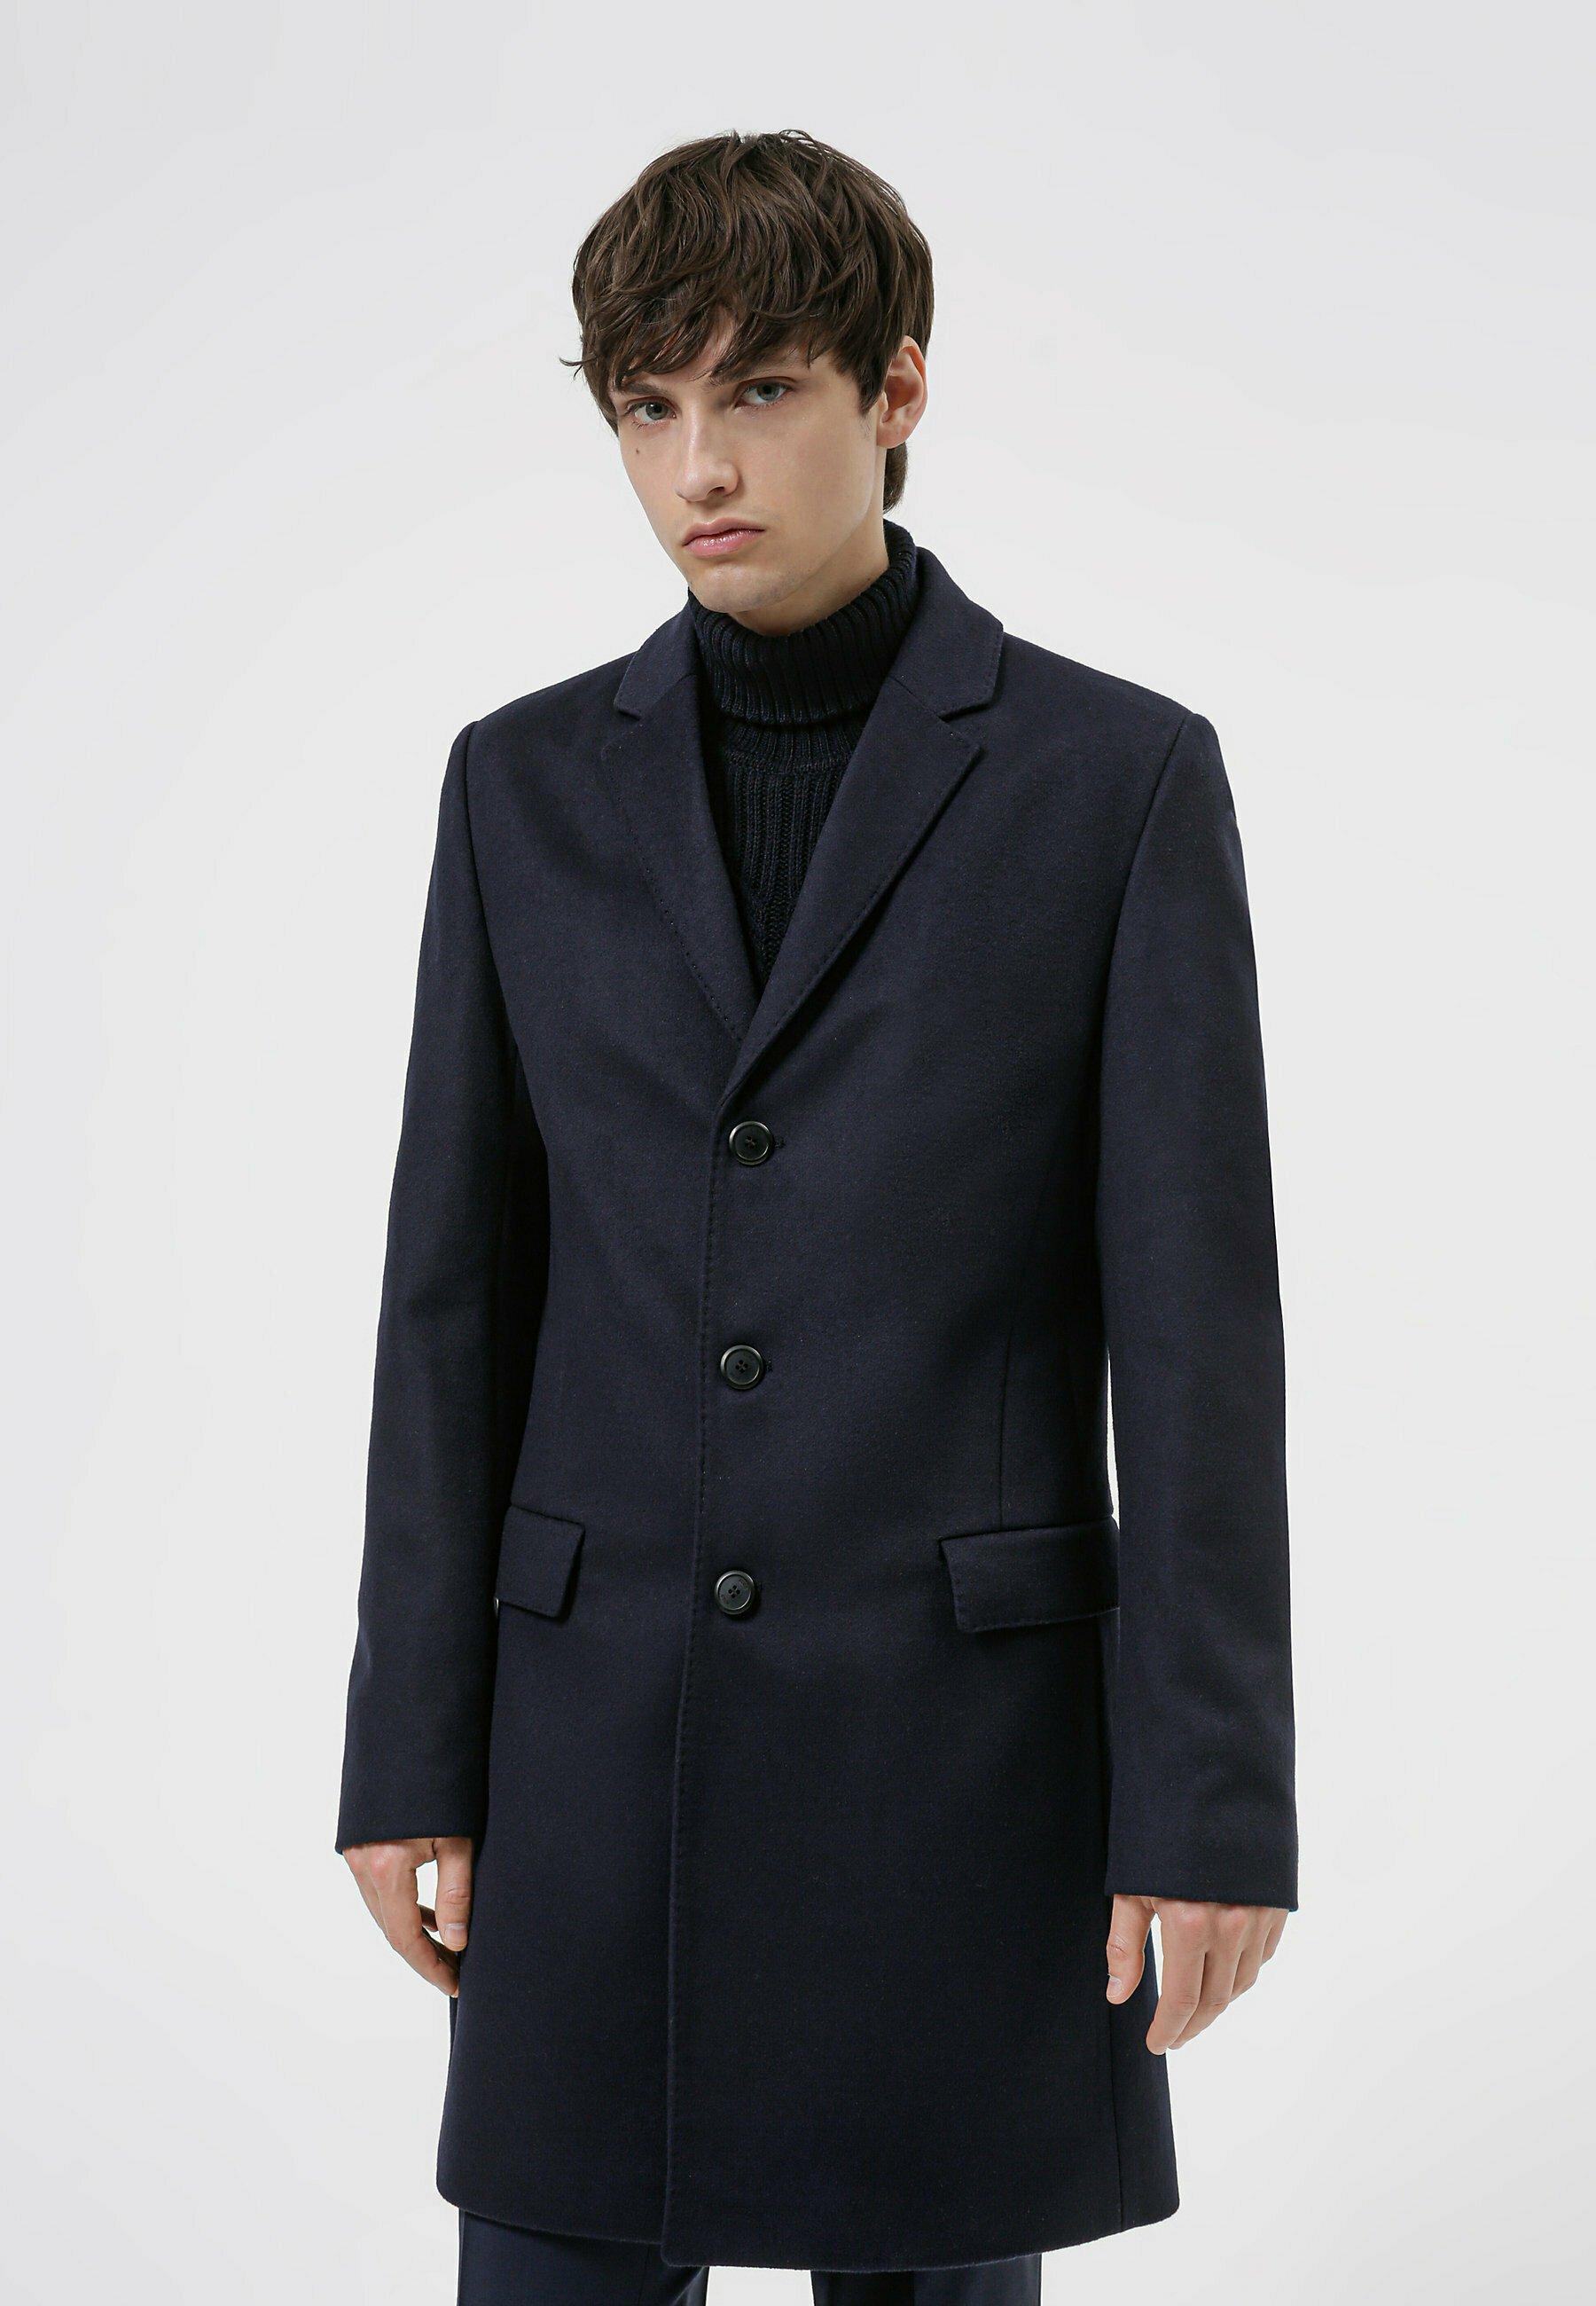 Homme MIGOR2141 - Manteau classique